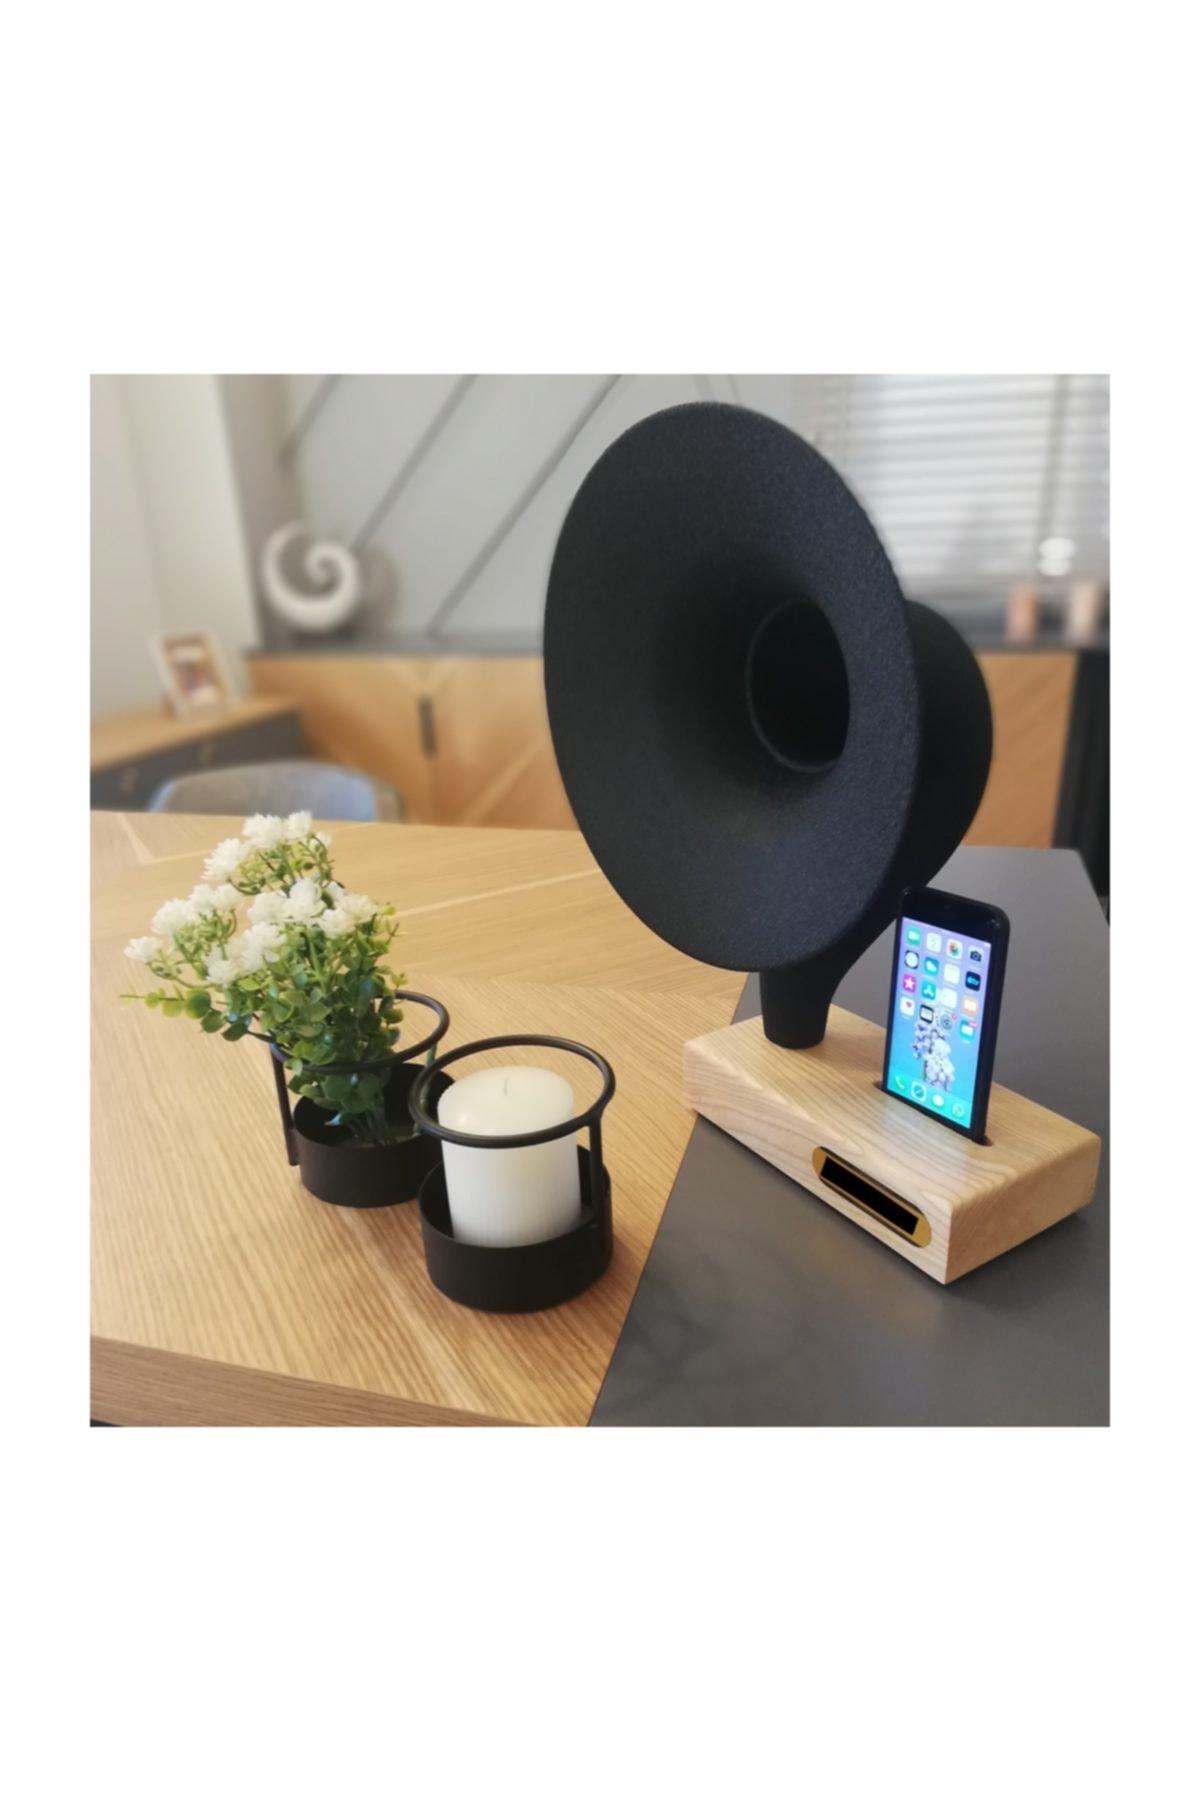 İDEAL TASARIM Grammy Akustik Gramafon Müzik Aleti Dekoratif Ürün Hediyelik Eşya 1